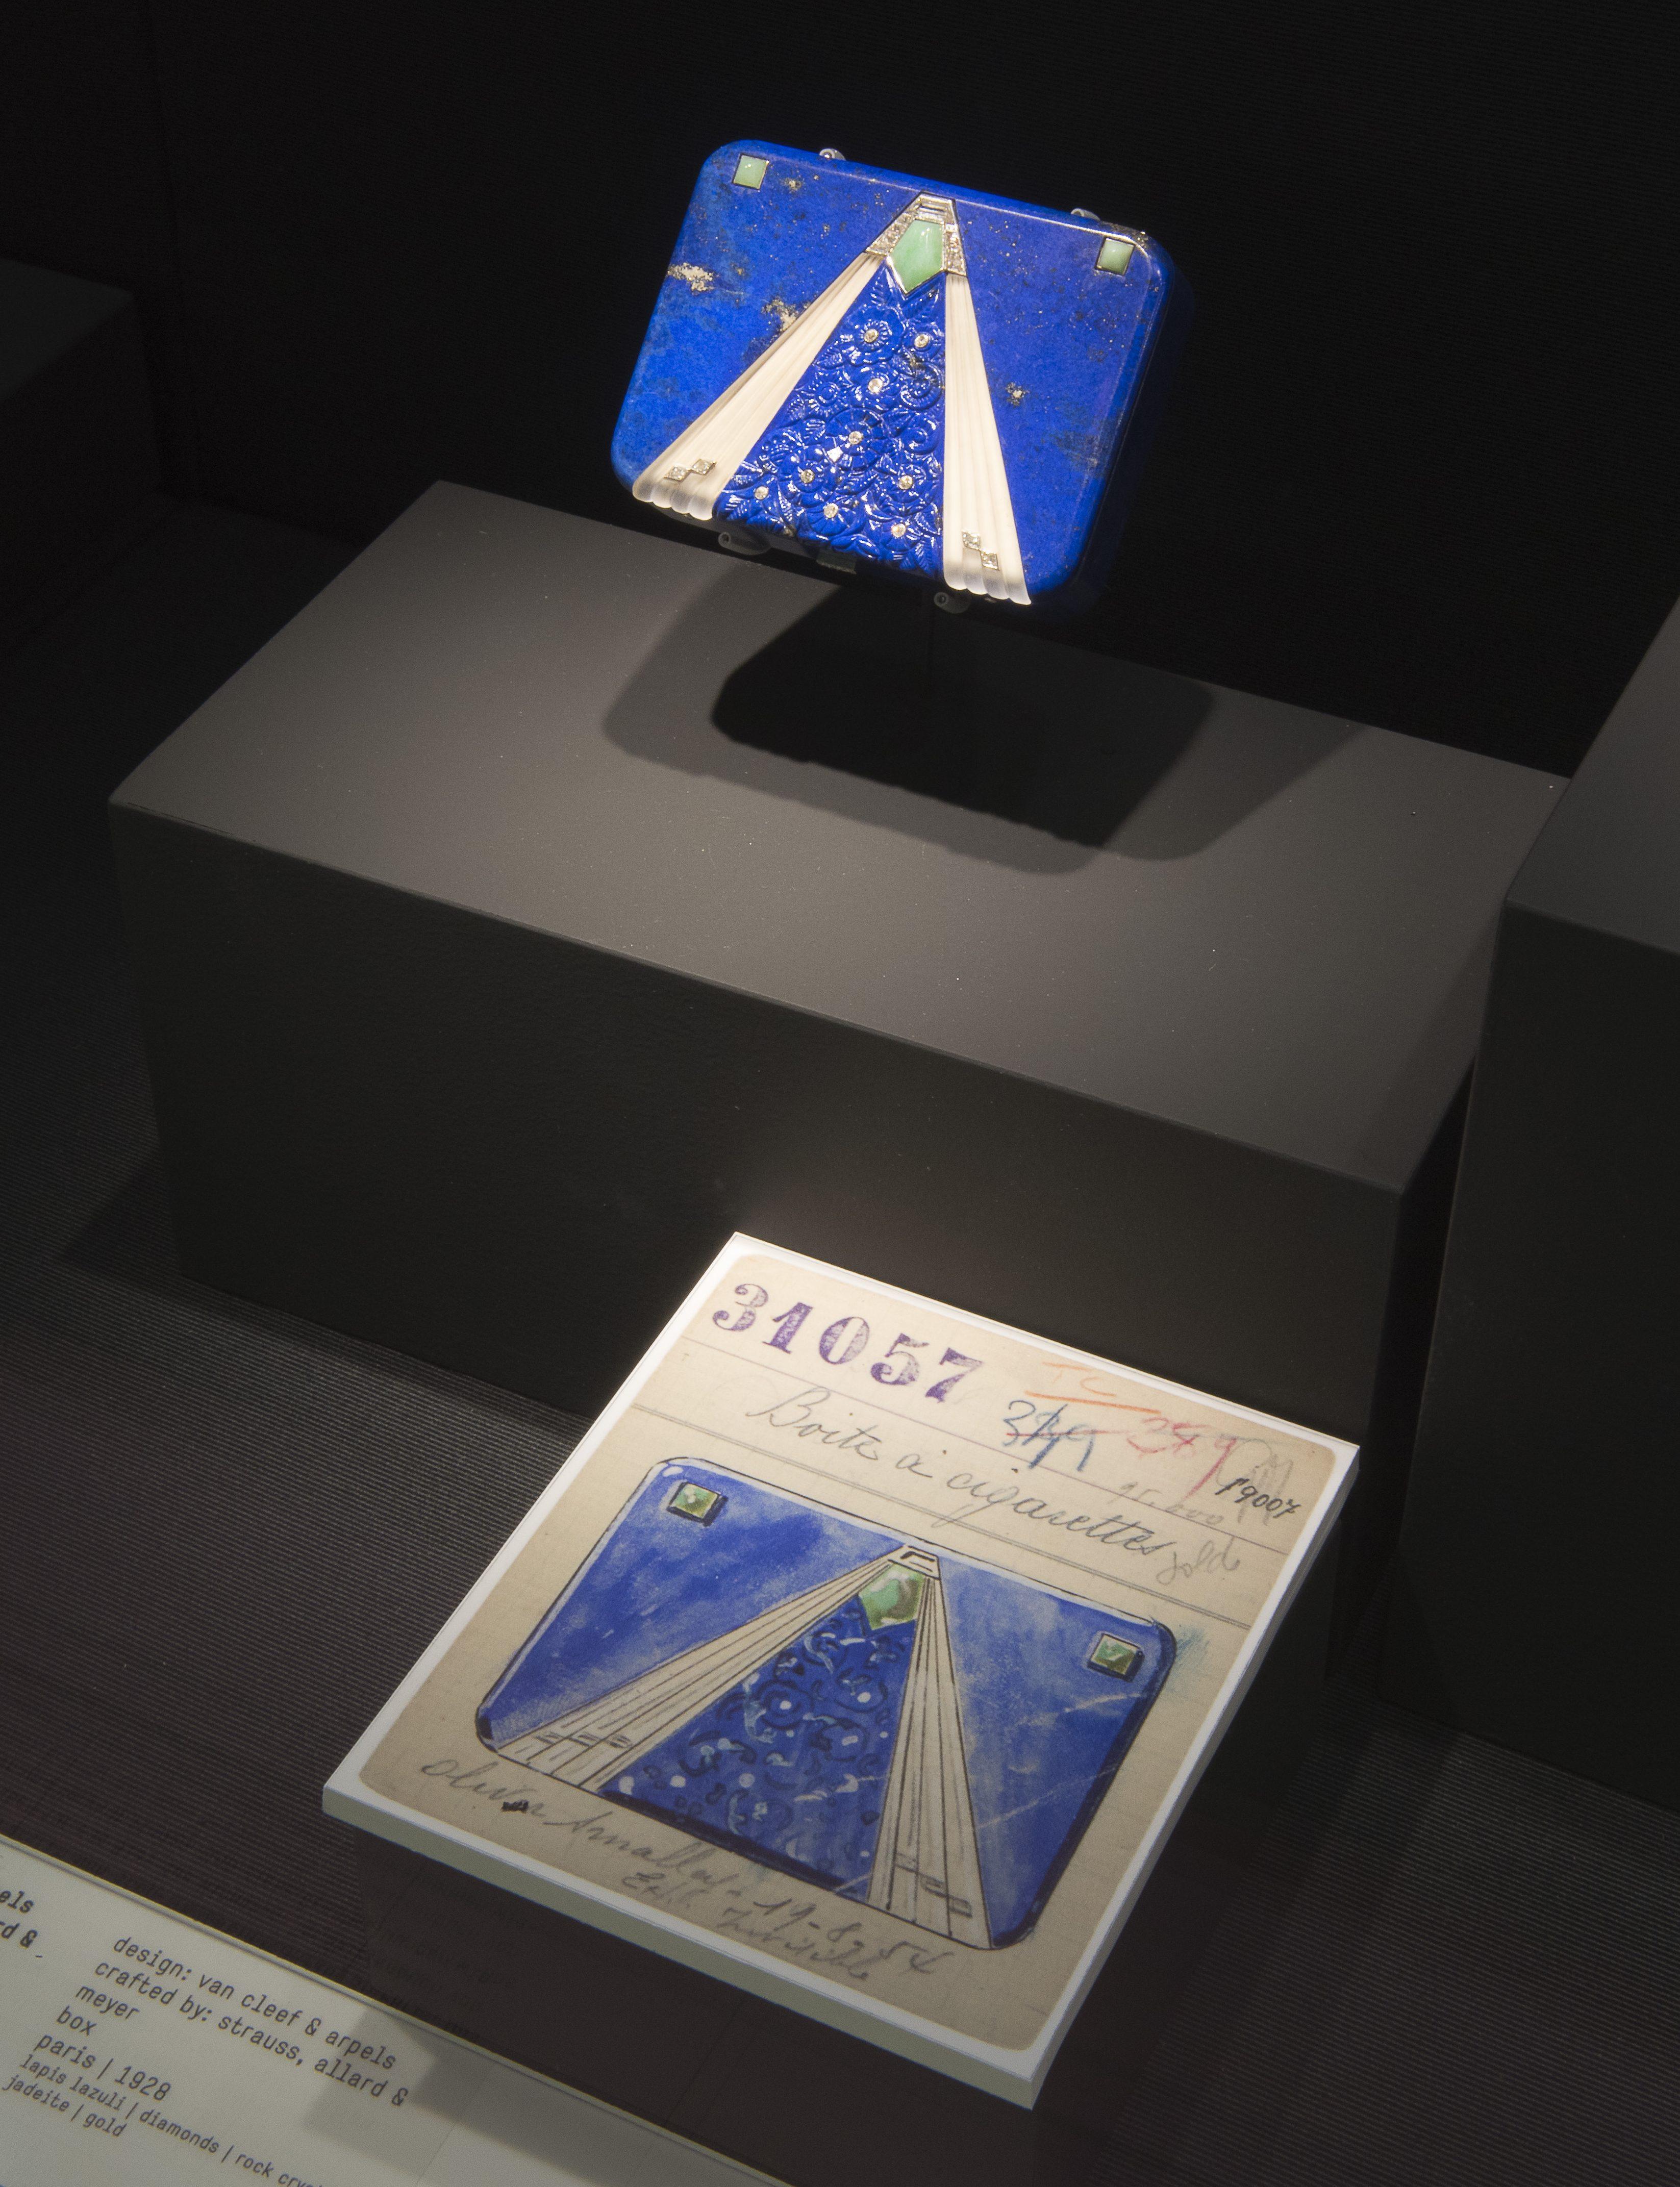 Van Cleef & Arpels, uitgevoerd door Strauss, Allard & Meyer, 1928. Ost trifft West, Aga Khan Collection, 2018. Foto met dank aan Schmuckmuseum Pforzheim, Petra Jaschke©